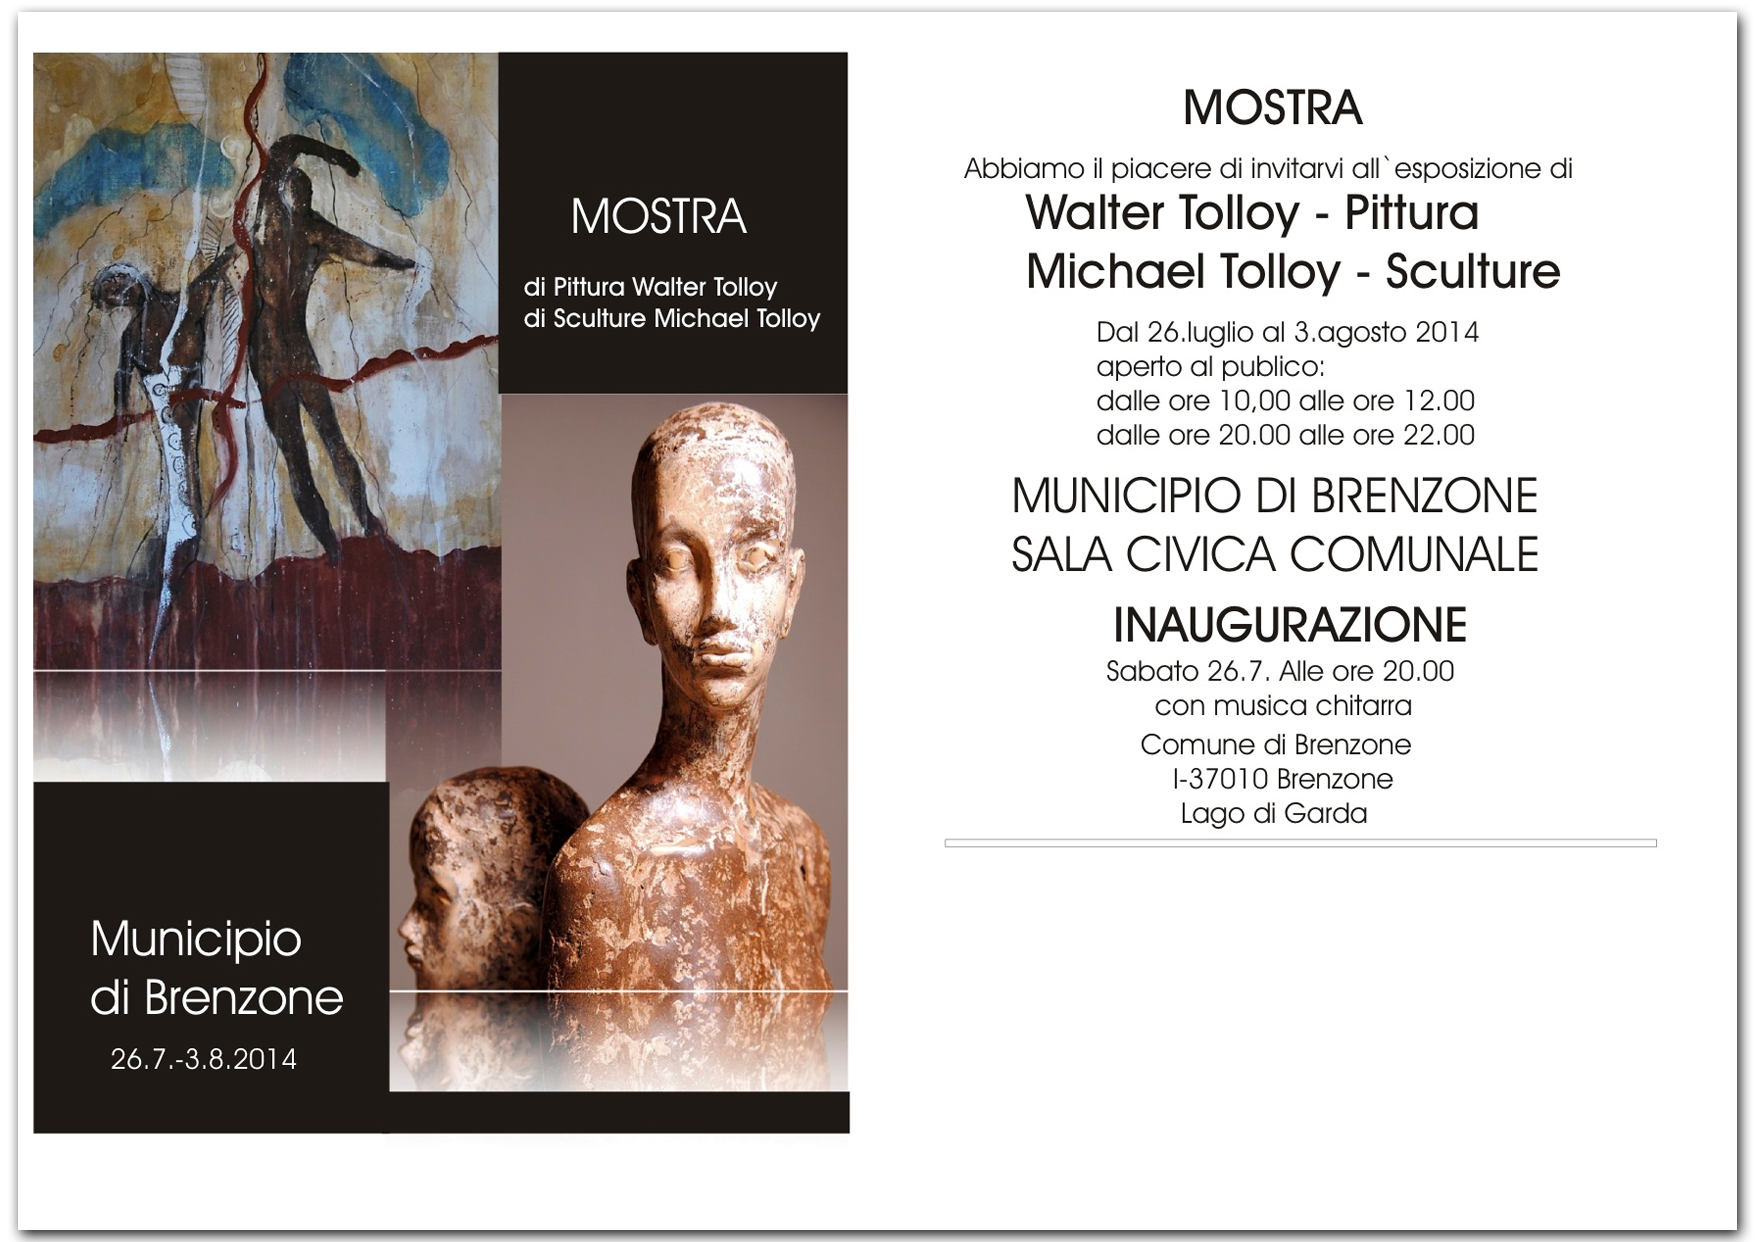 2014-Mostra-Brenzone